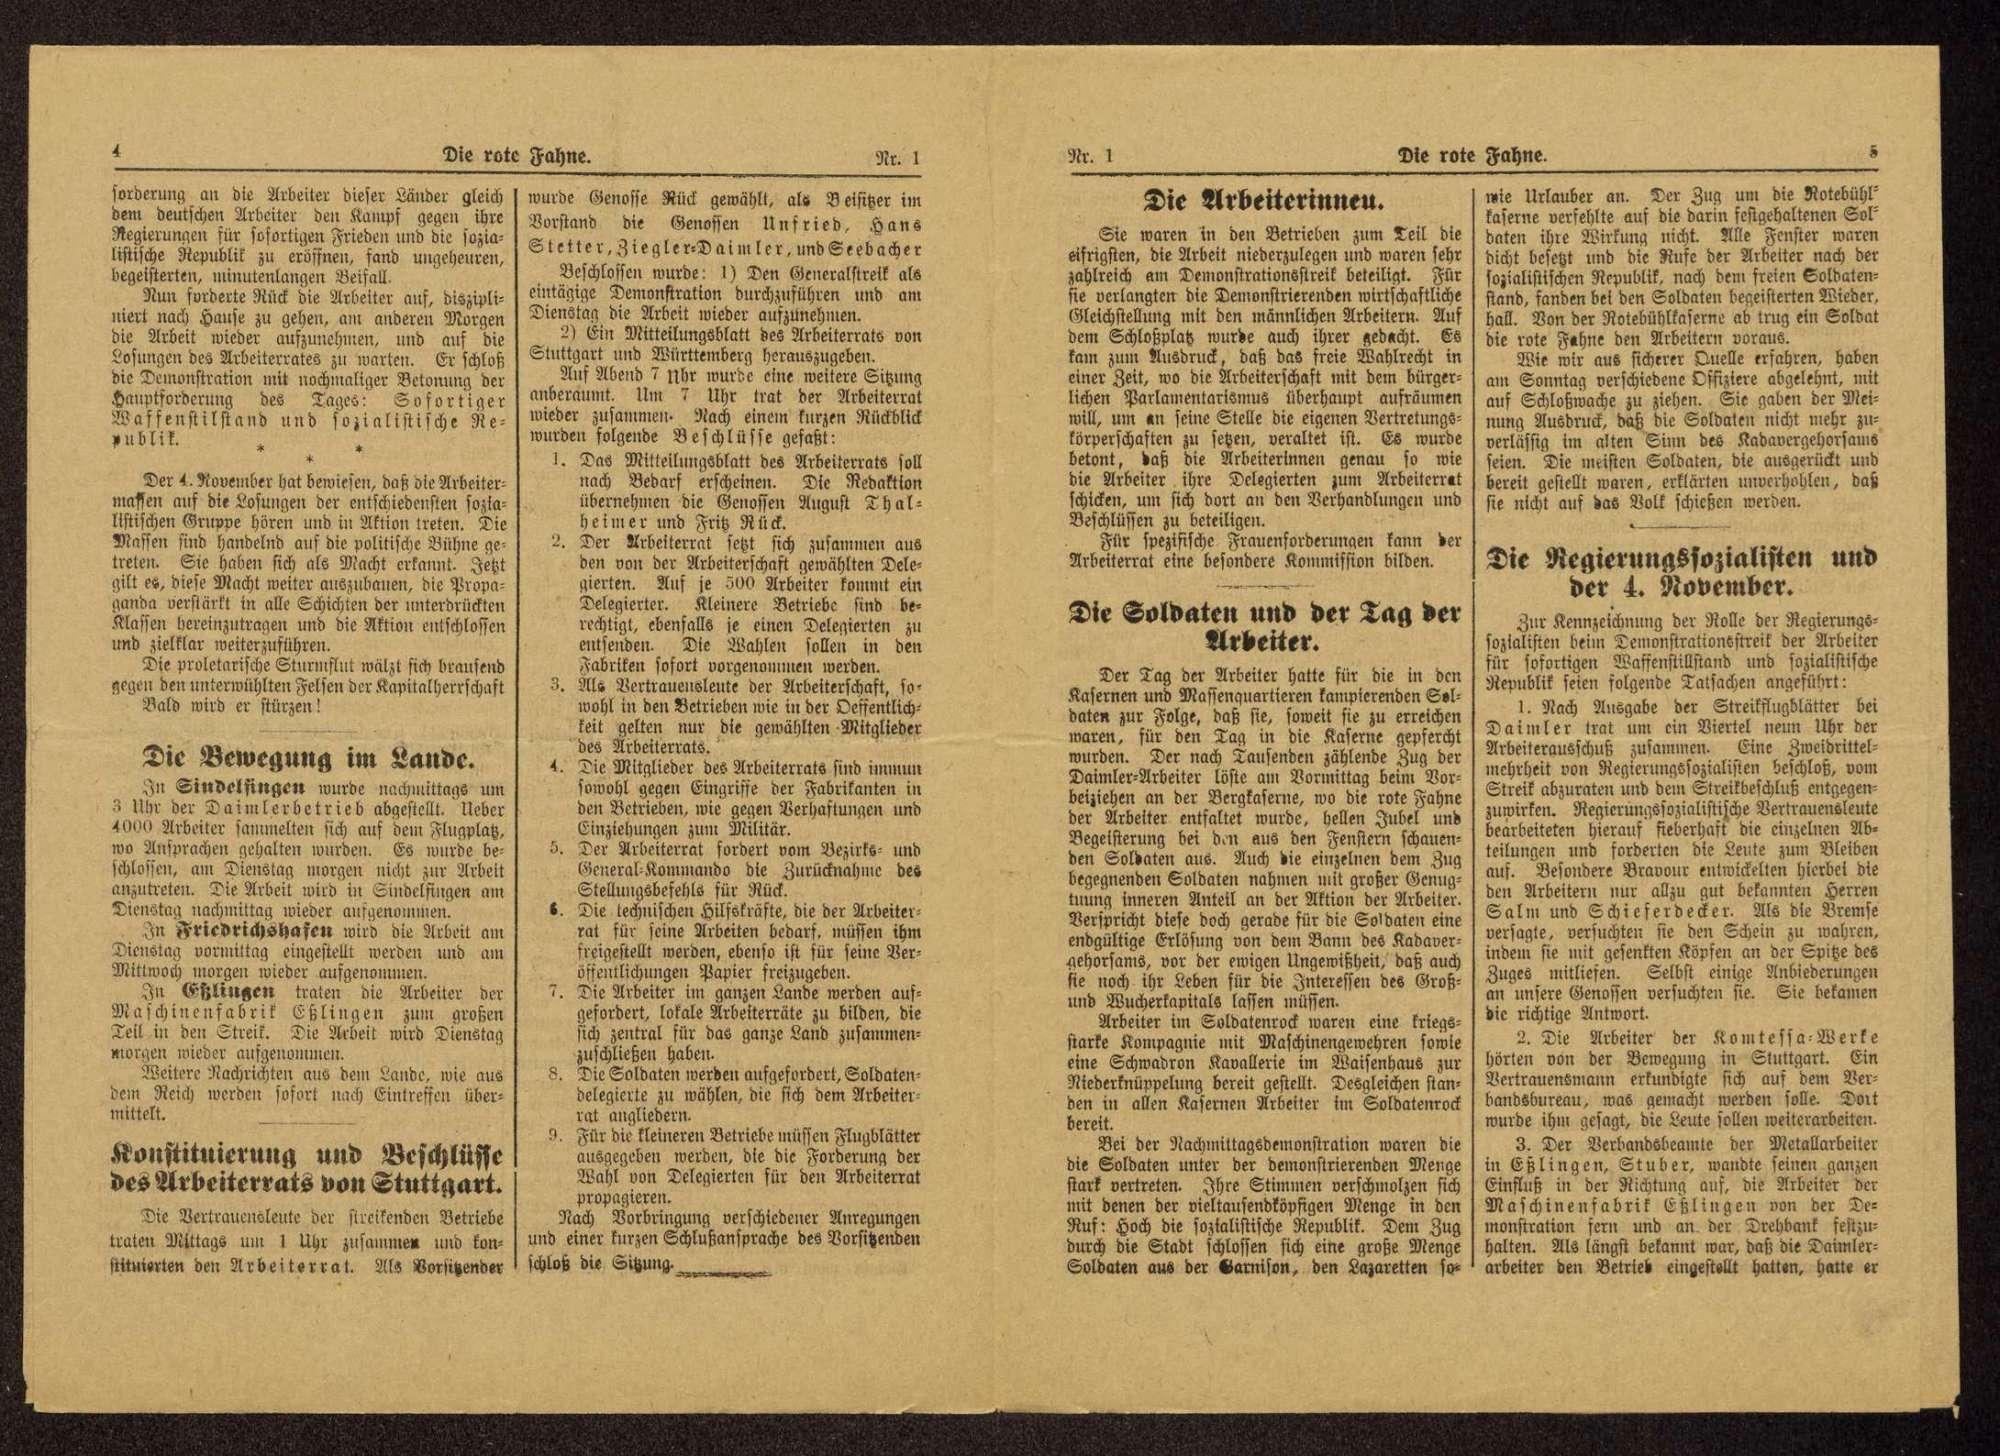 Die rote Fahne. Mitteilungsblatt des Stuttgarter Arbeiter- und Soldatenrats. Zentralorgan sämtlicher Arbeiter- und Soldatenräte Württembergs, Bild 2